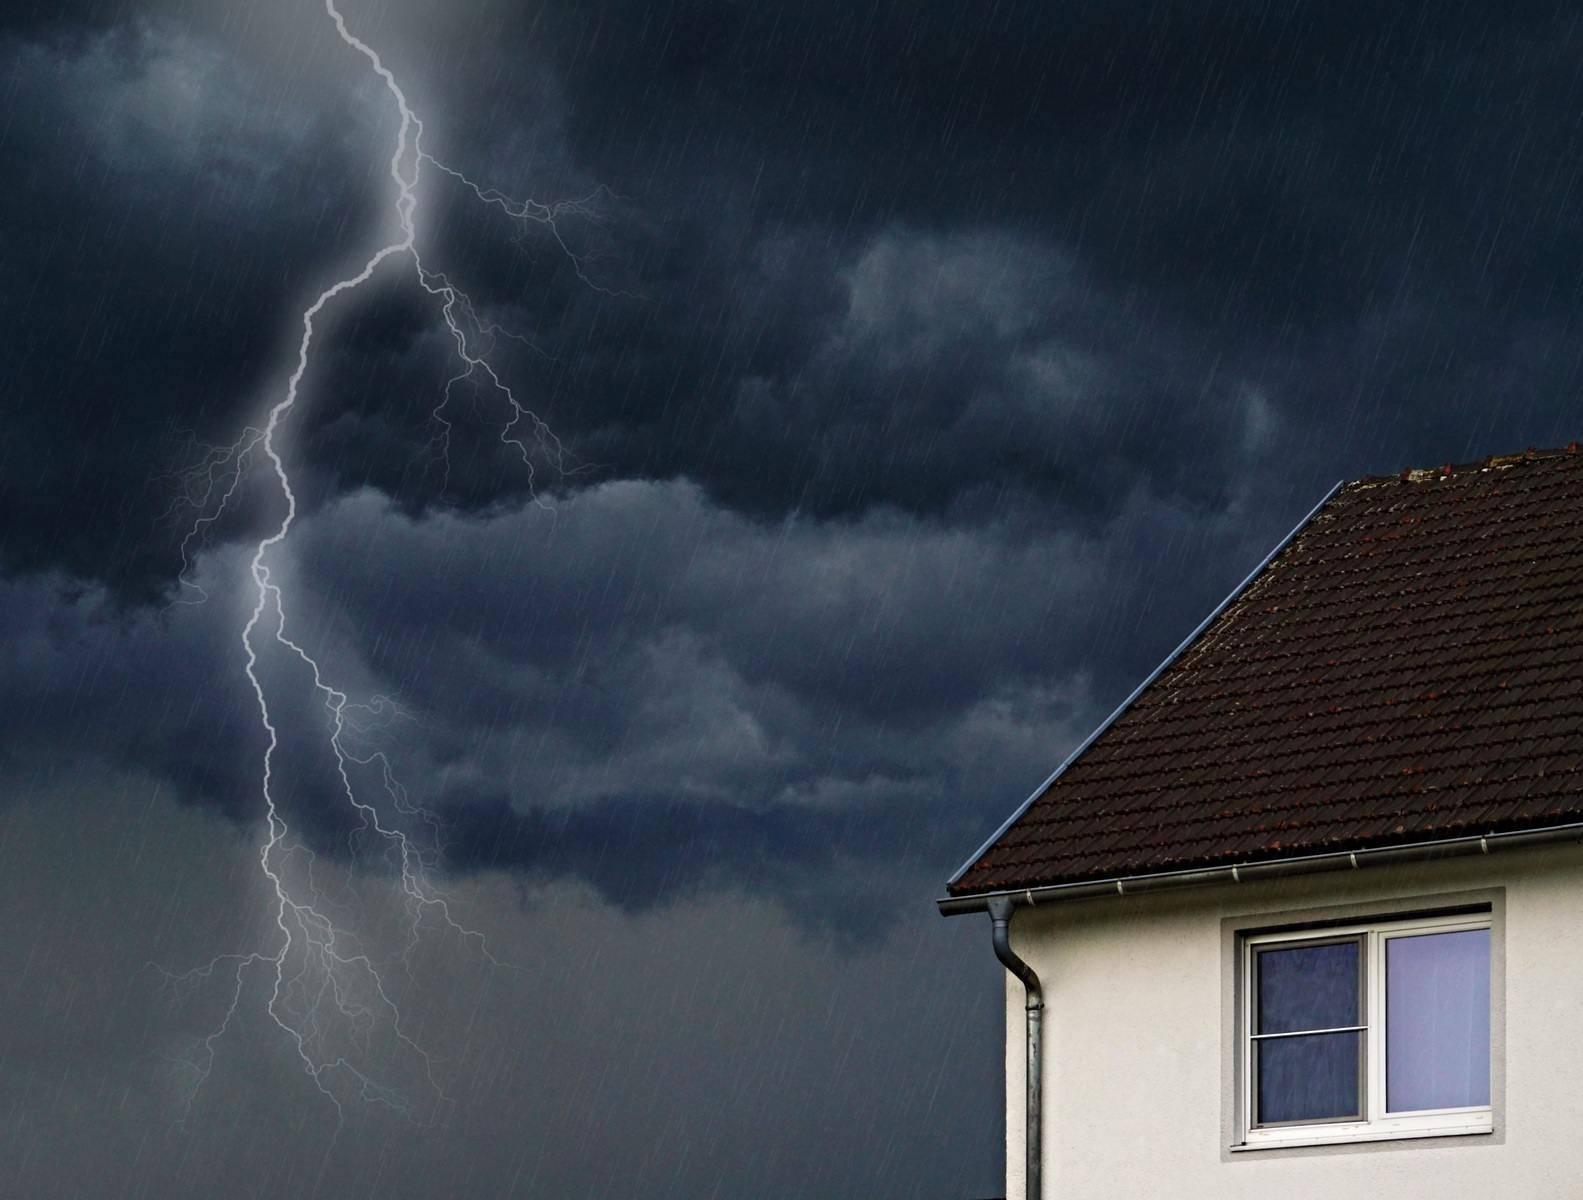 Жителей Новороссийска призывают страховать свое жилье